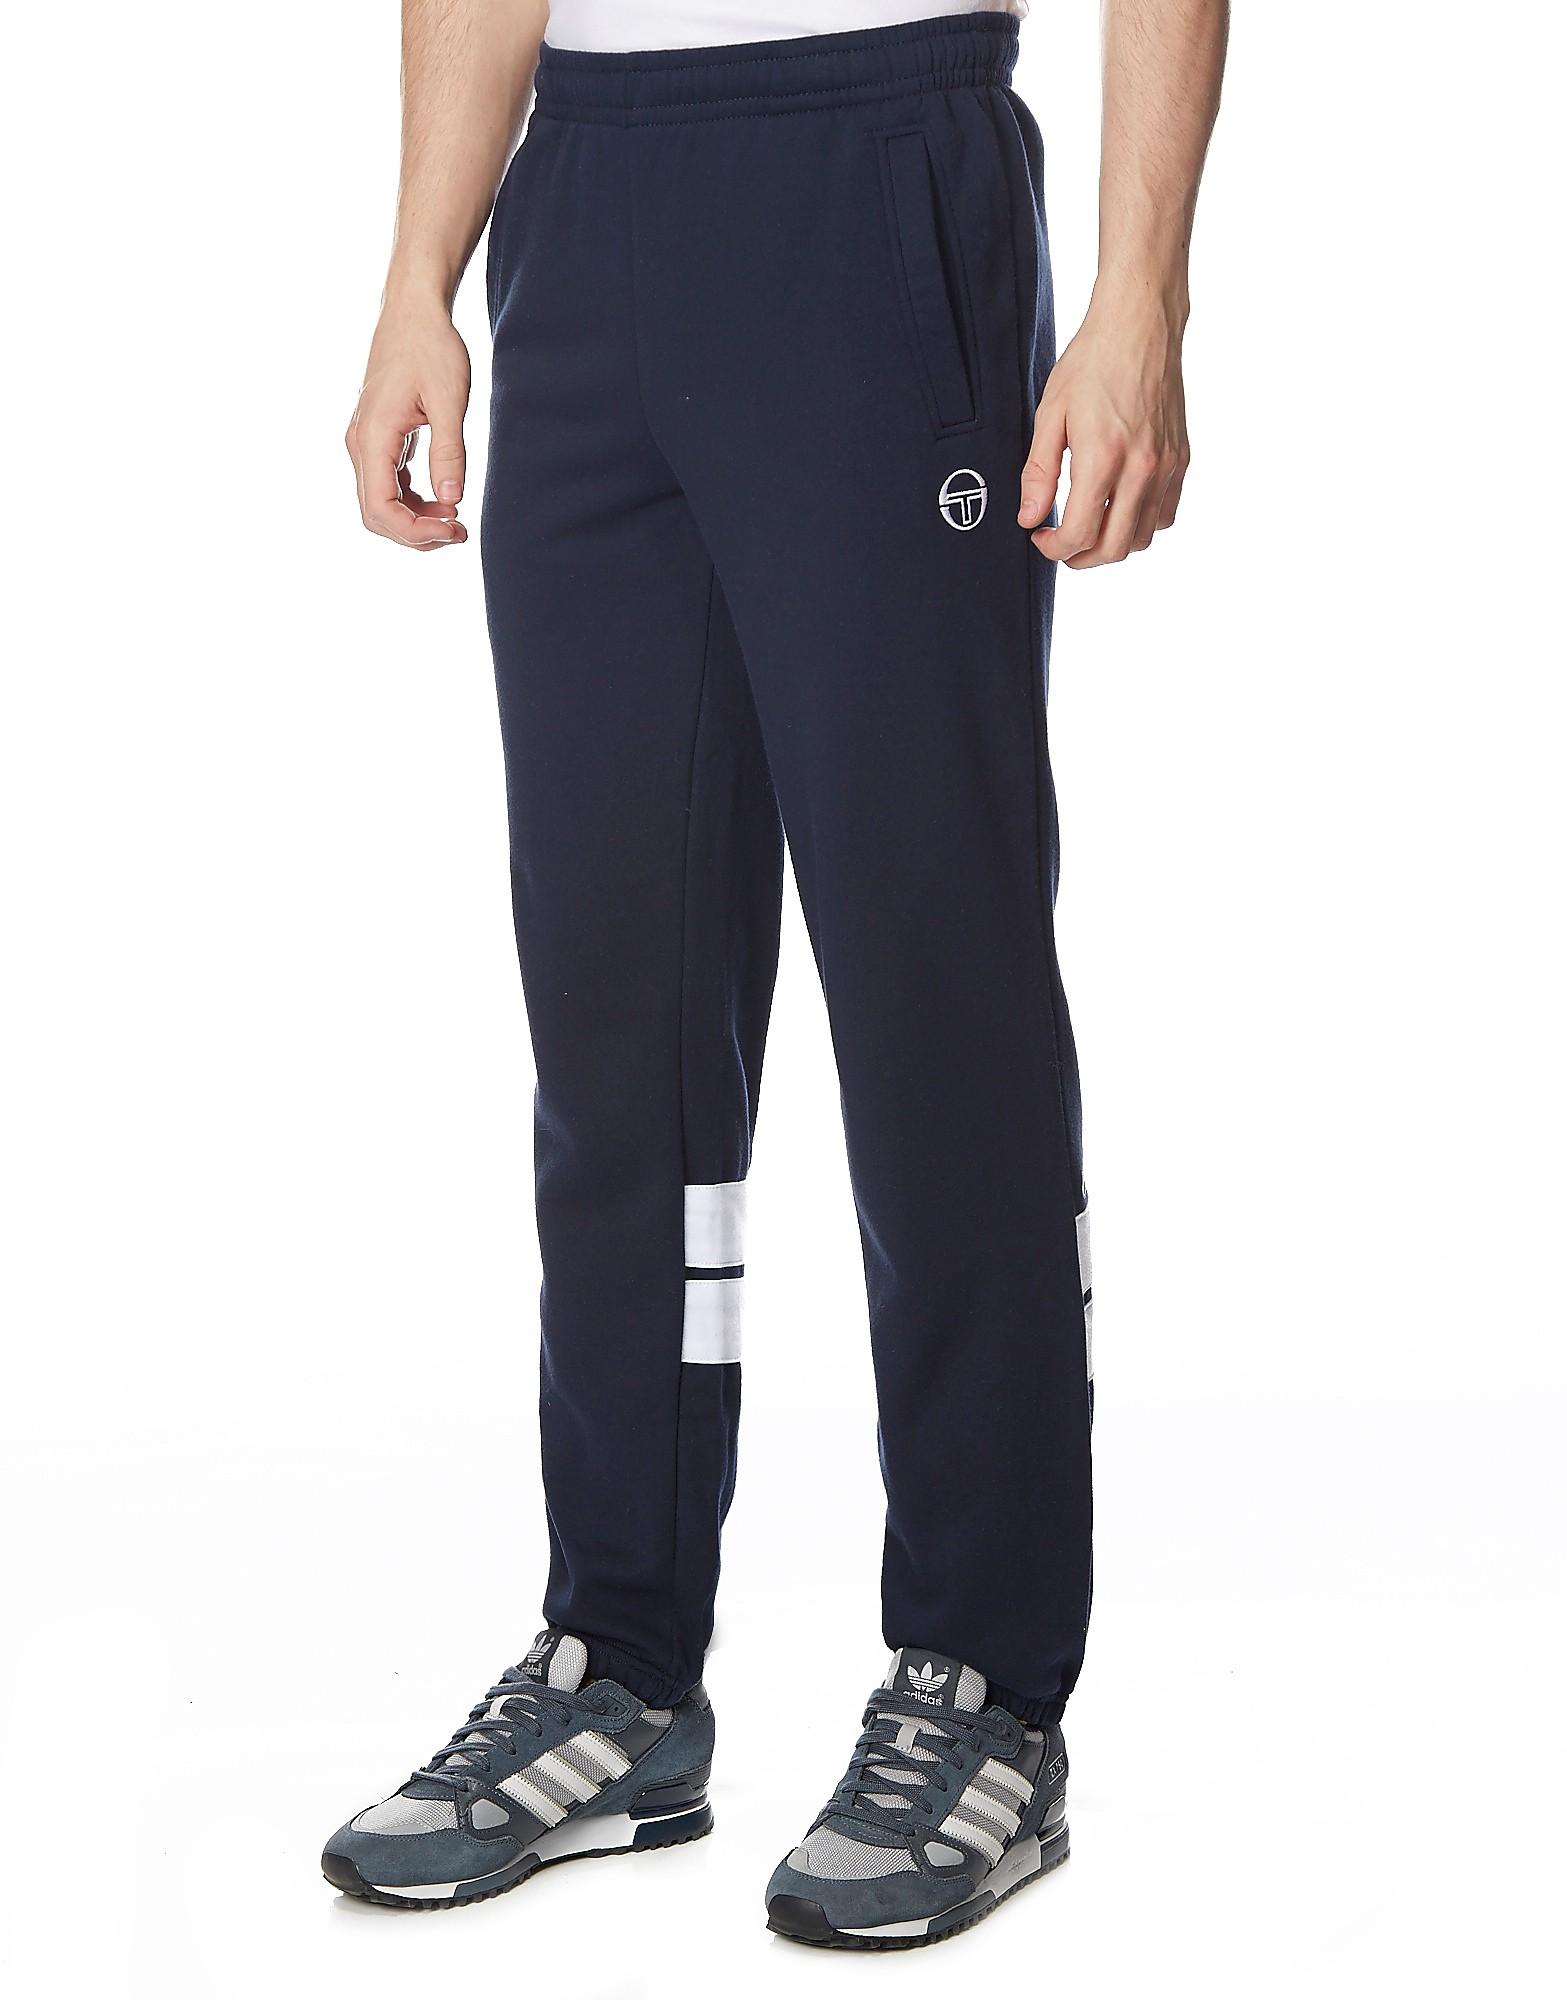 Sergio Tacchini Dallas 3 Track Pants